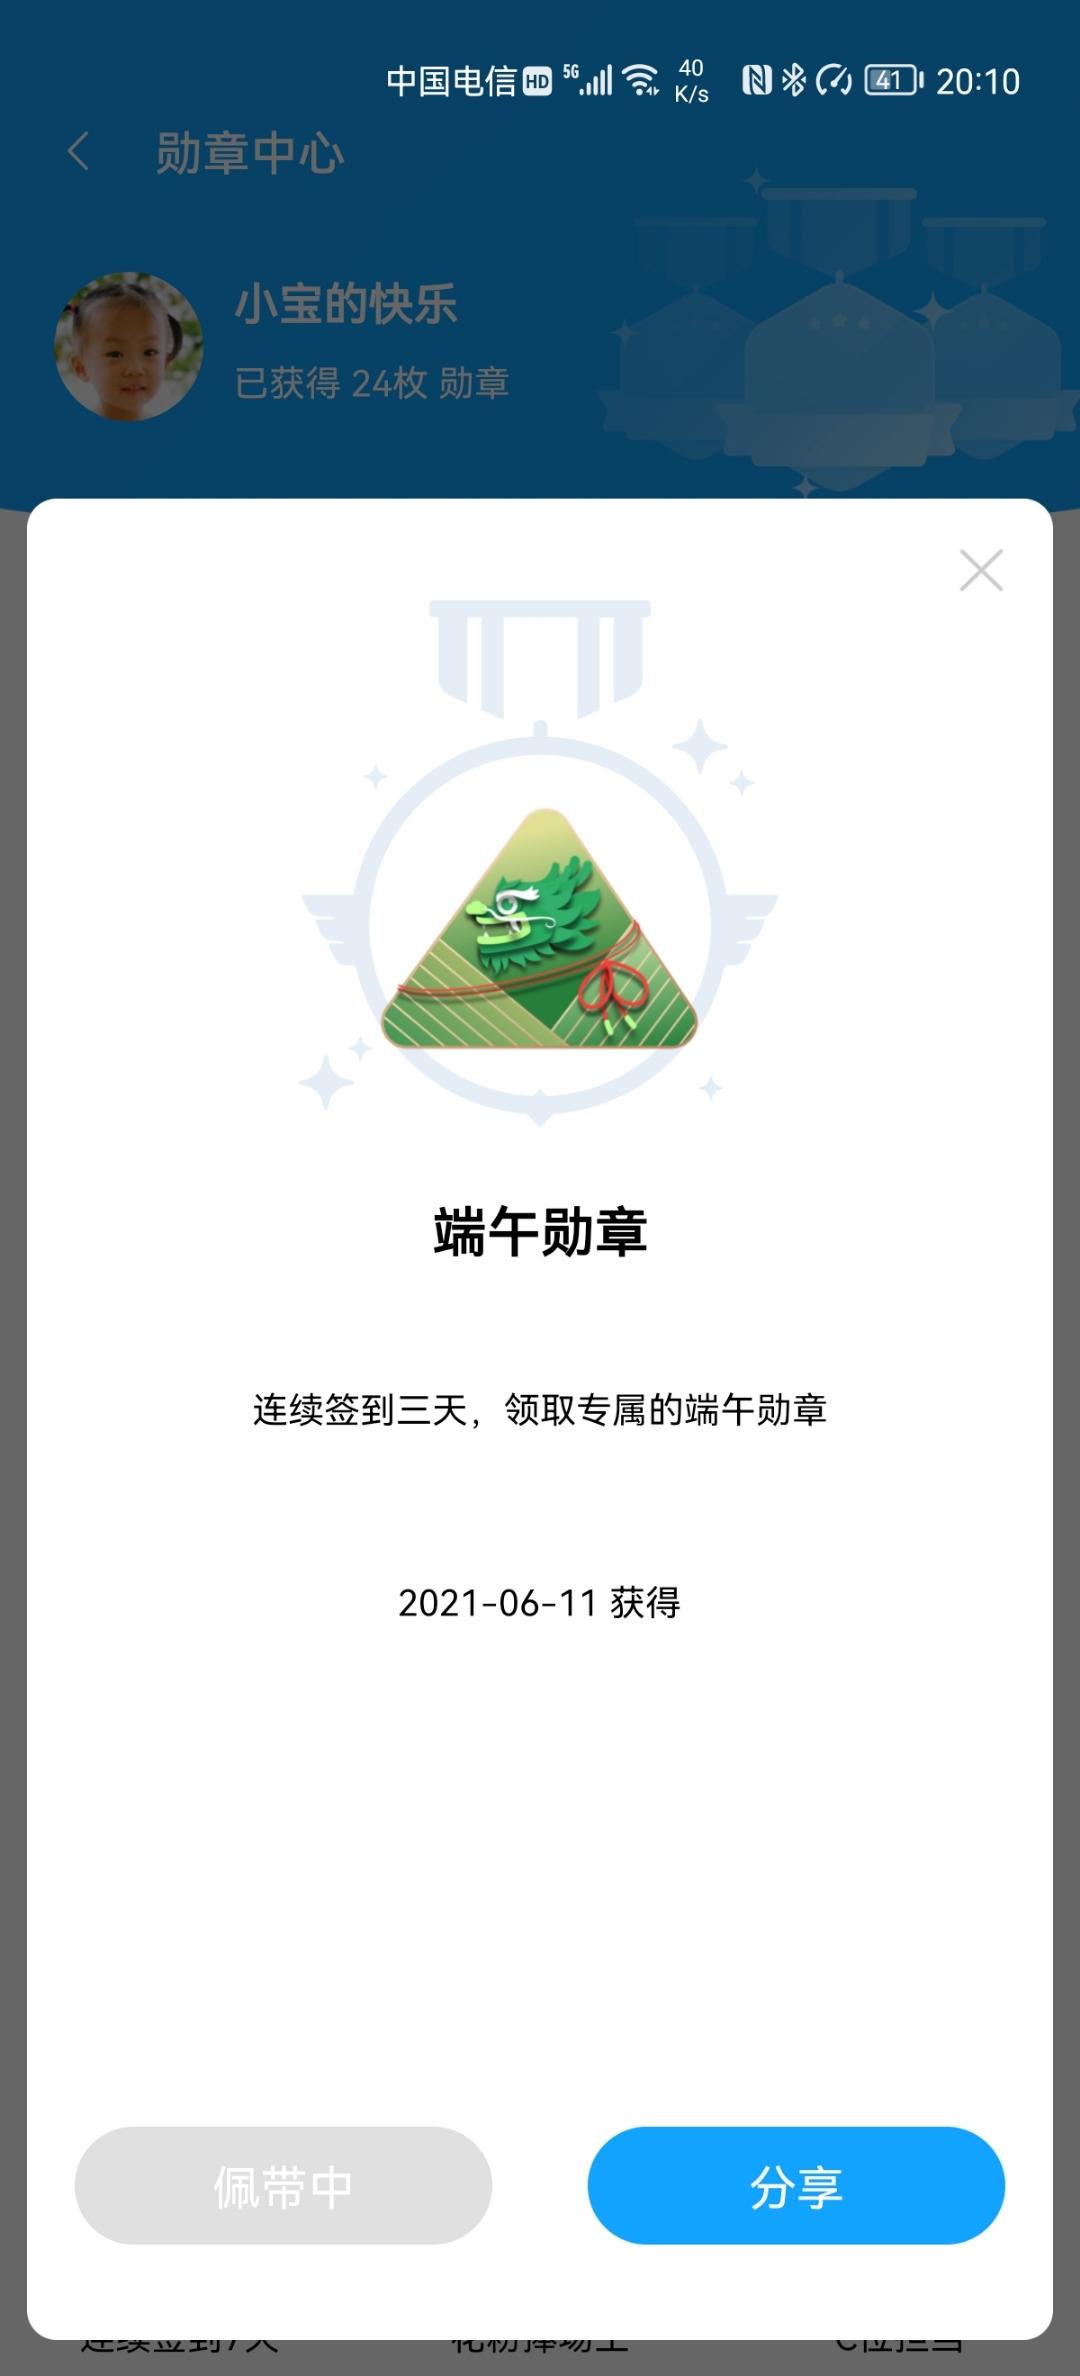 Screenshot_20210611_201013_com.huawei.fans.jpg